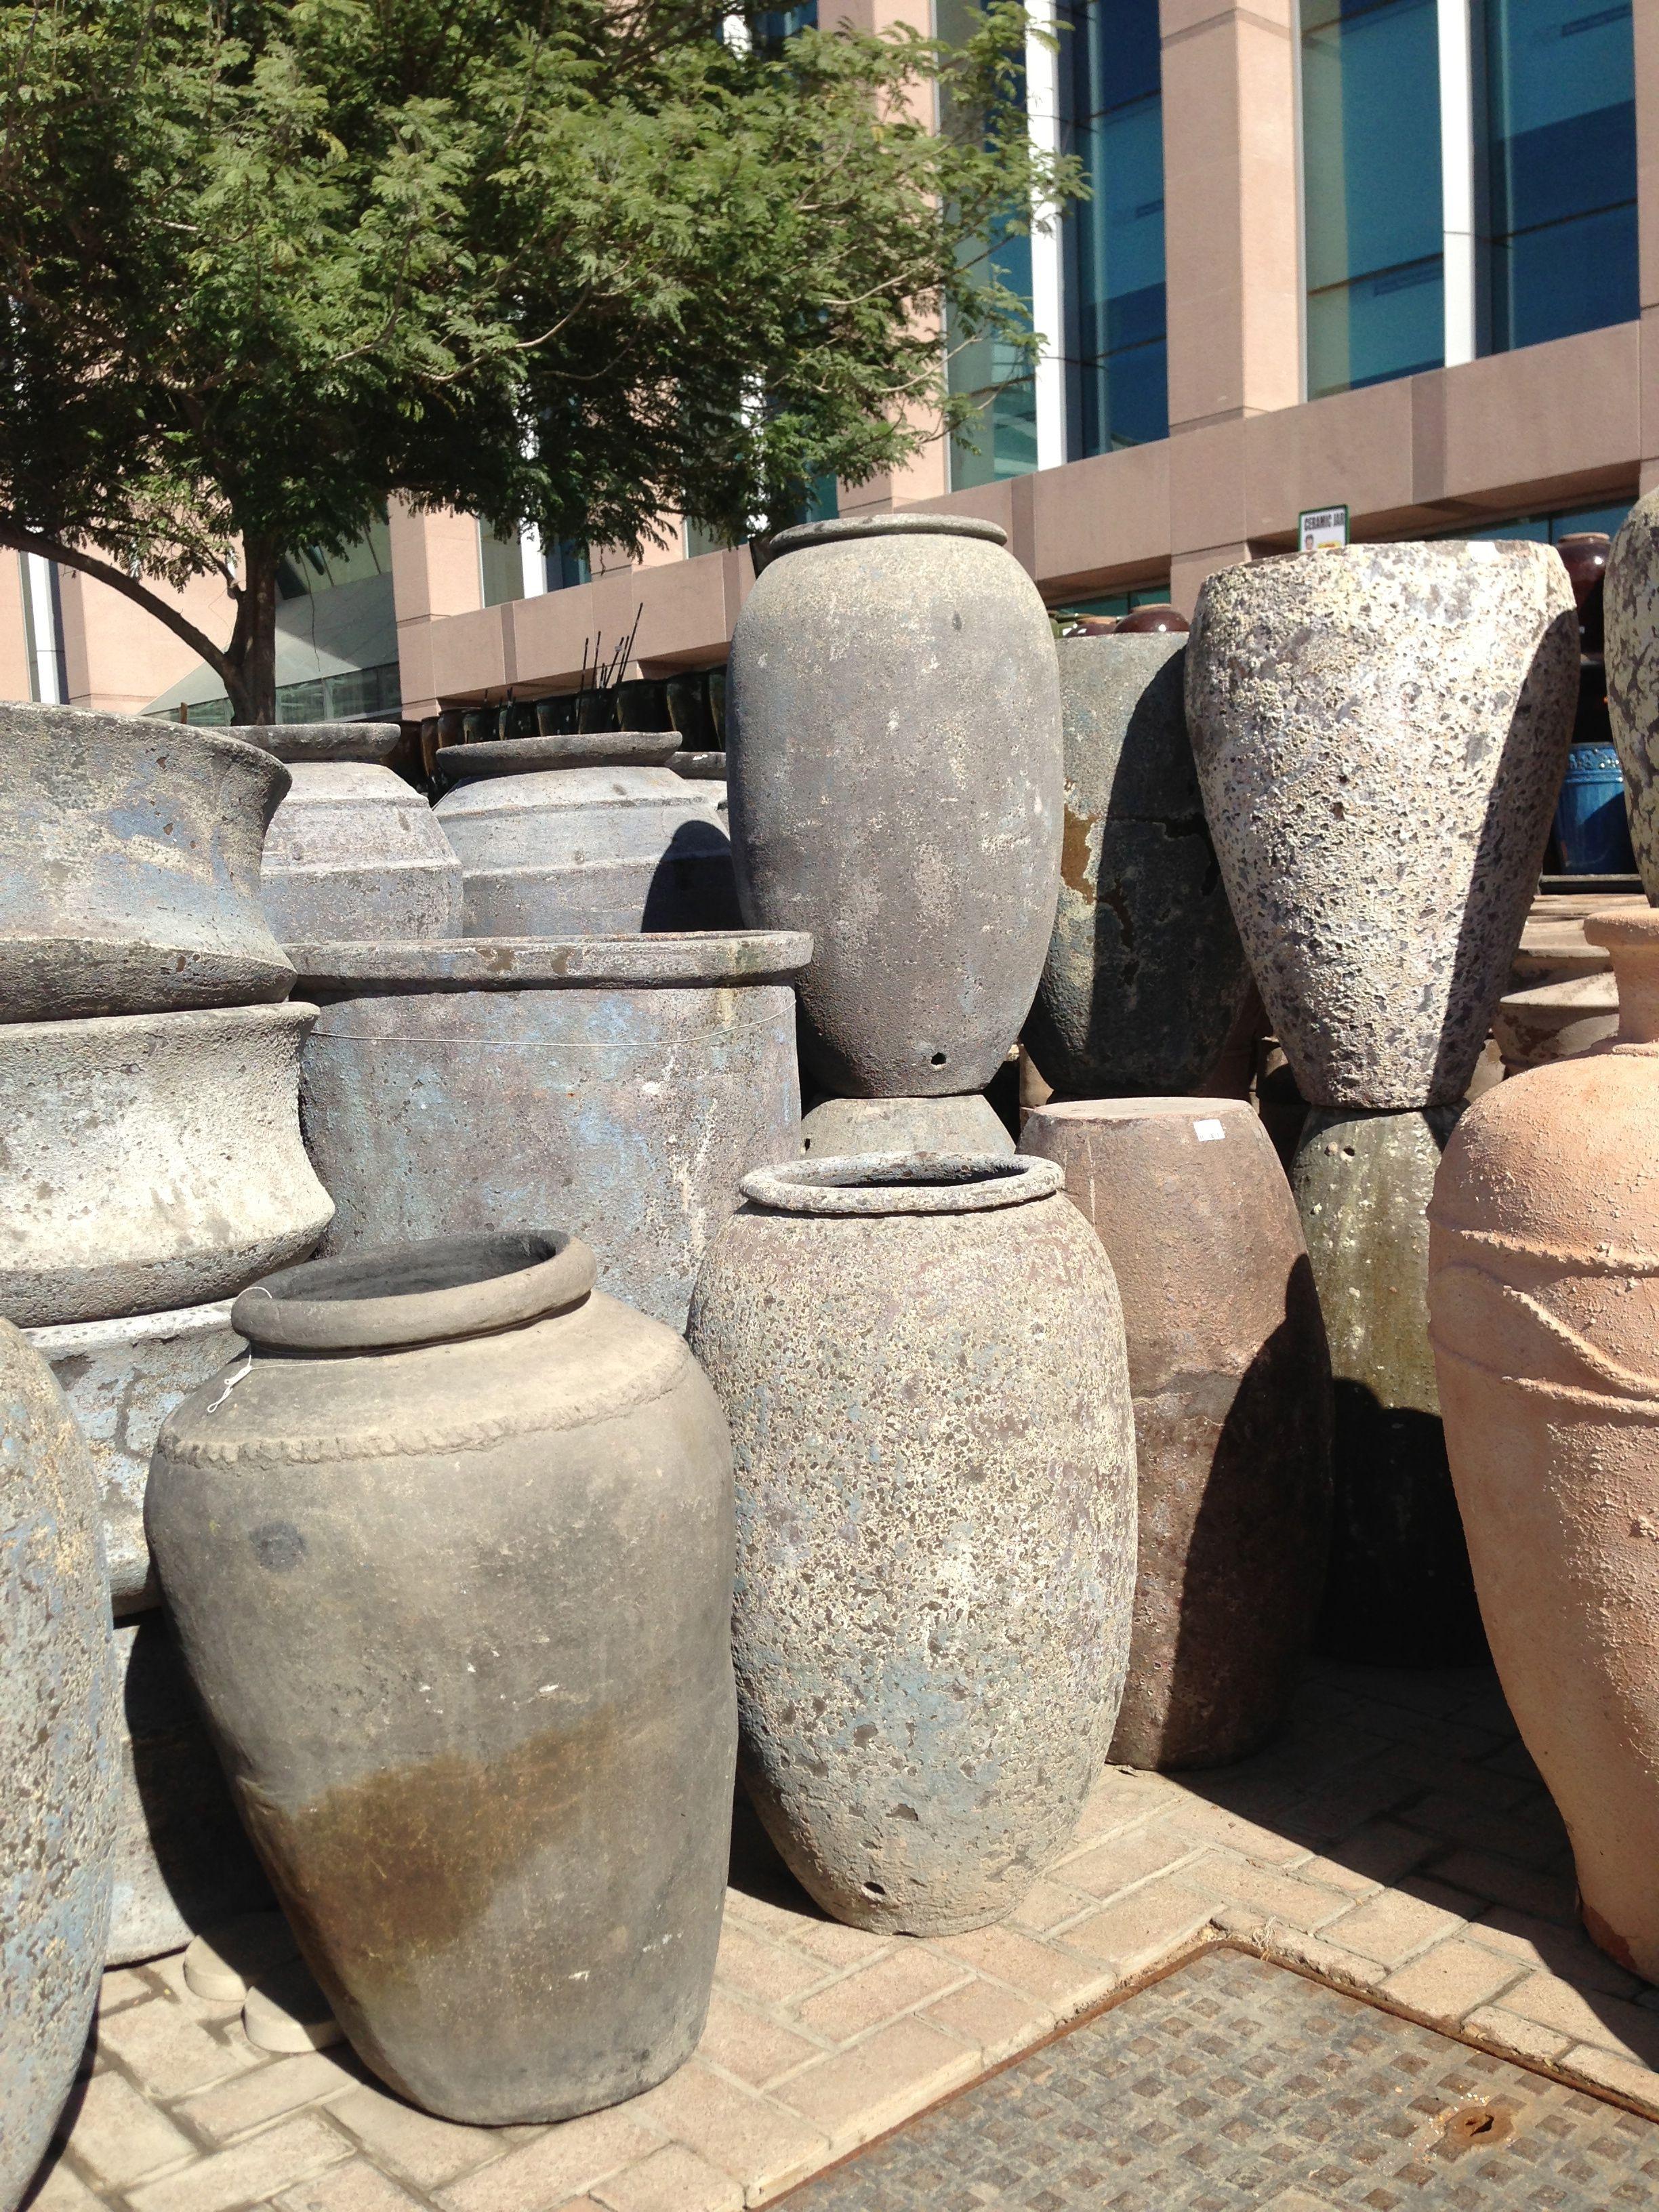 pots garden centre dubai Dubai garden, Garden pots